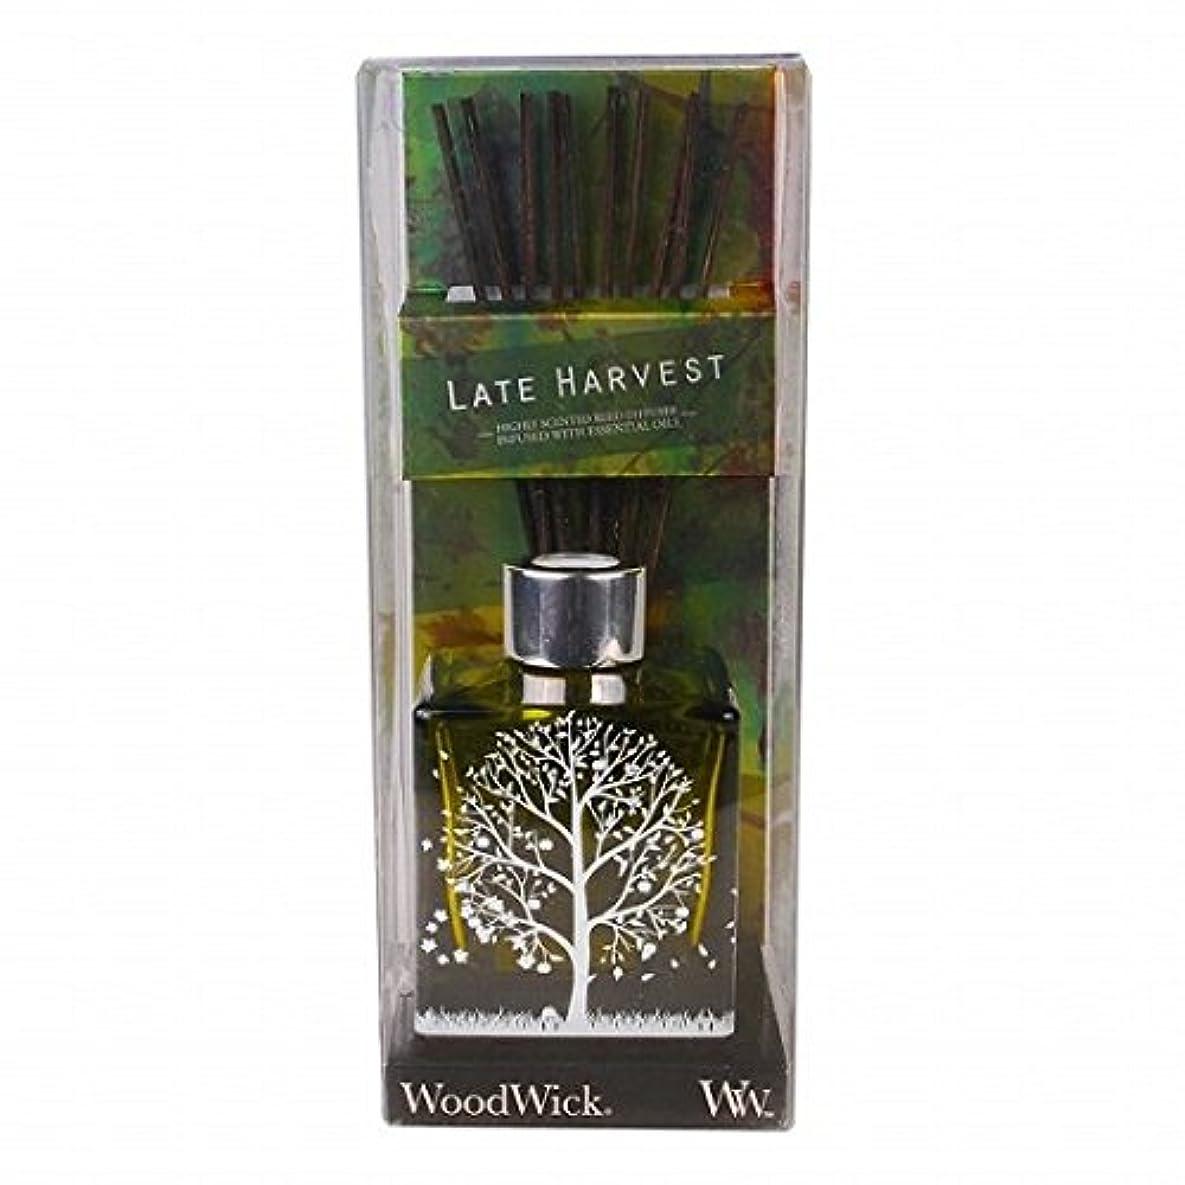 メロンハング円形WoodWick(ウッドウィック) Wood Wickダンシンググラスリードディフューザー 「 レイトハーベスト 」 ディフューザー 68x68x105mm 香り:レイトハーベスト(W9540507)